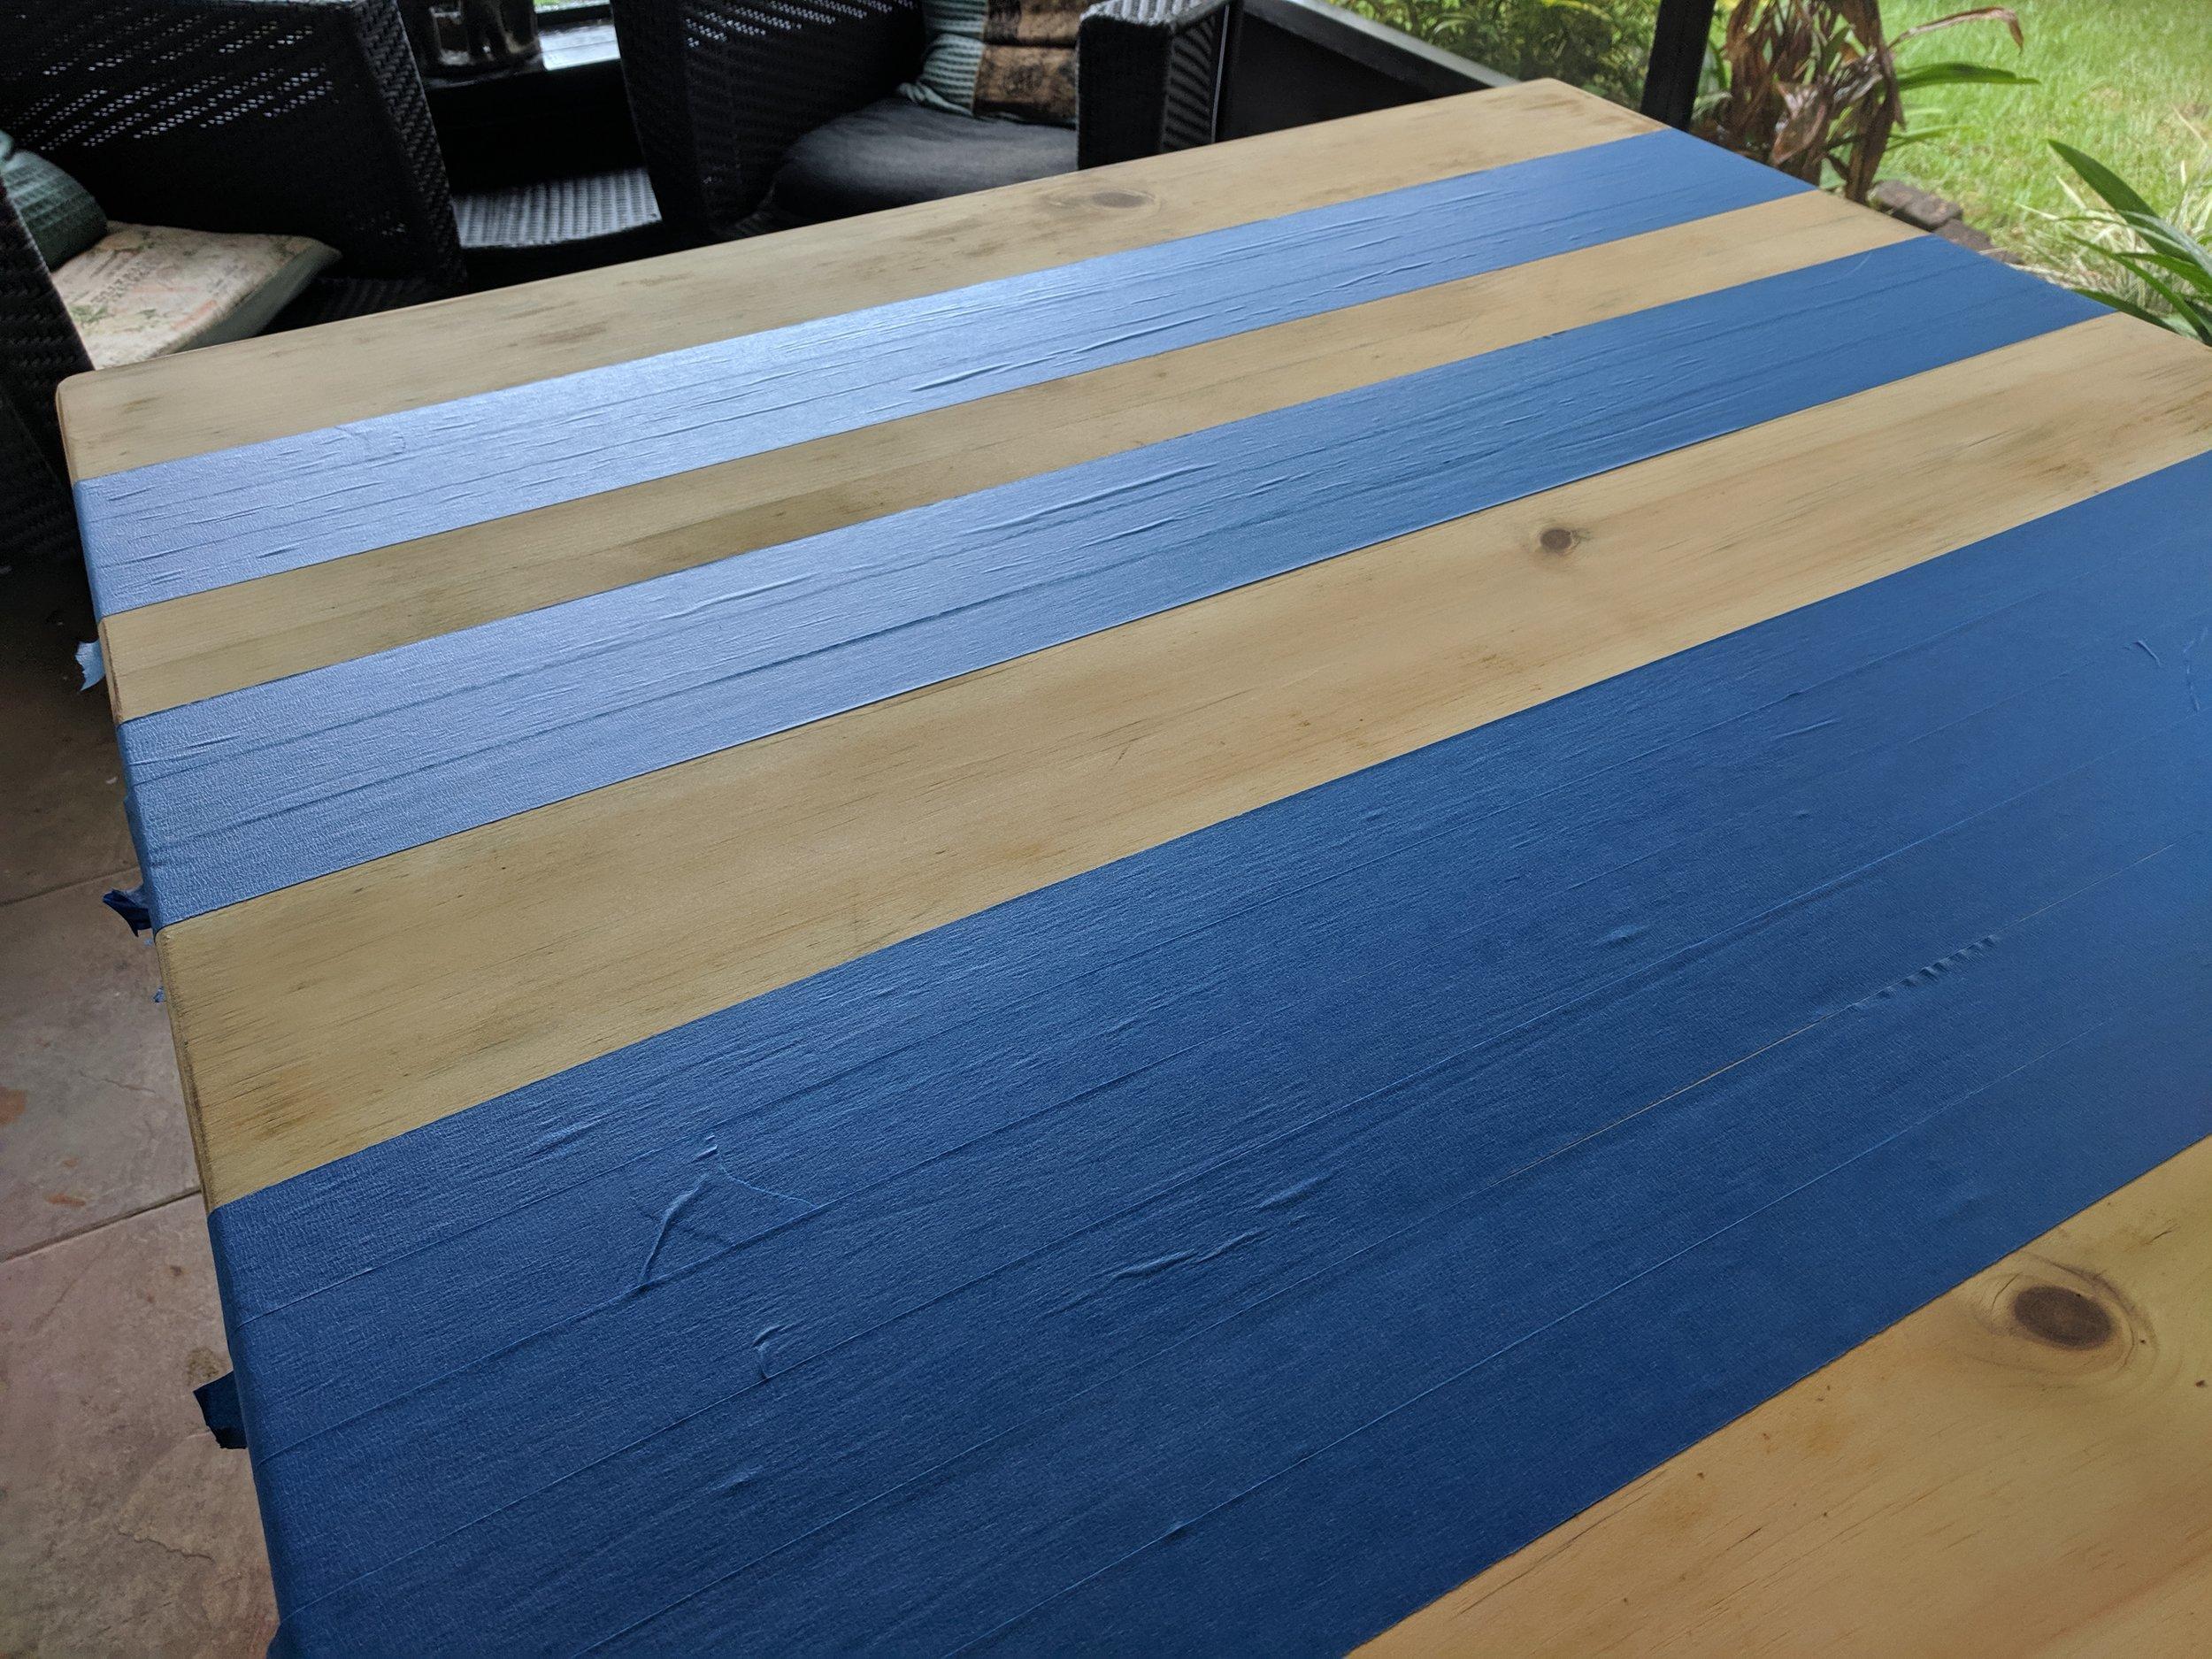 taping stripes 3.jpg